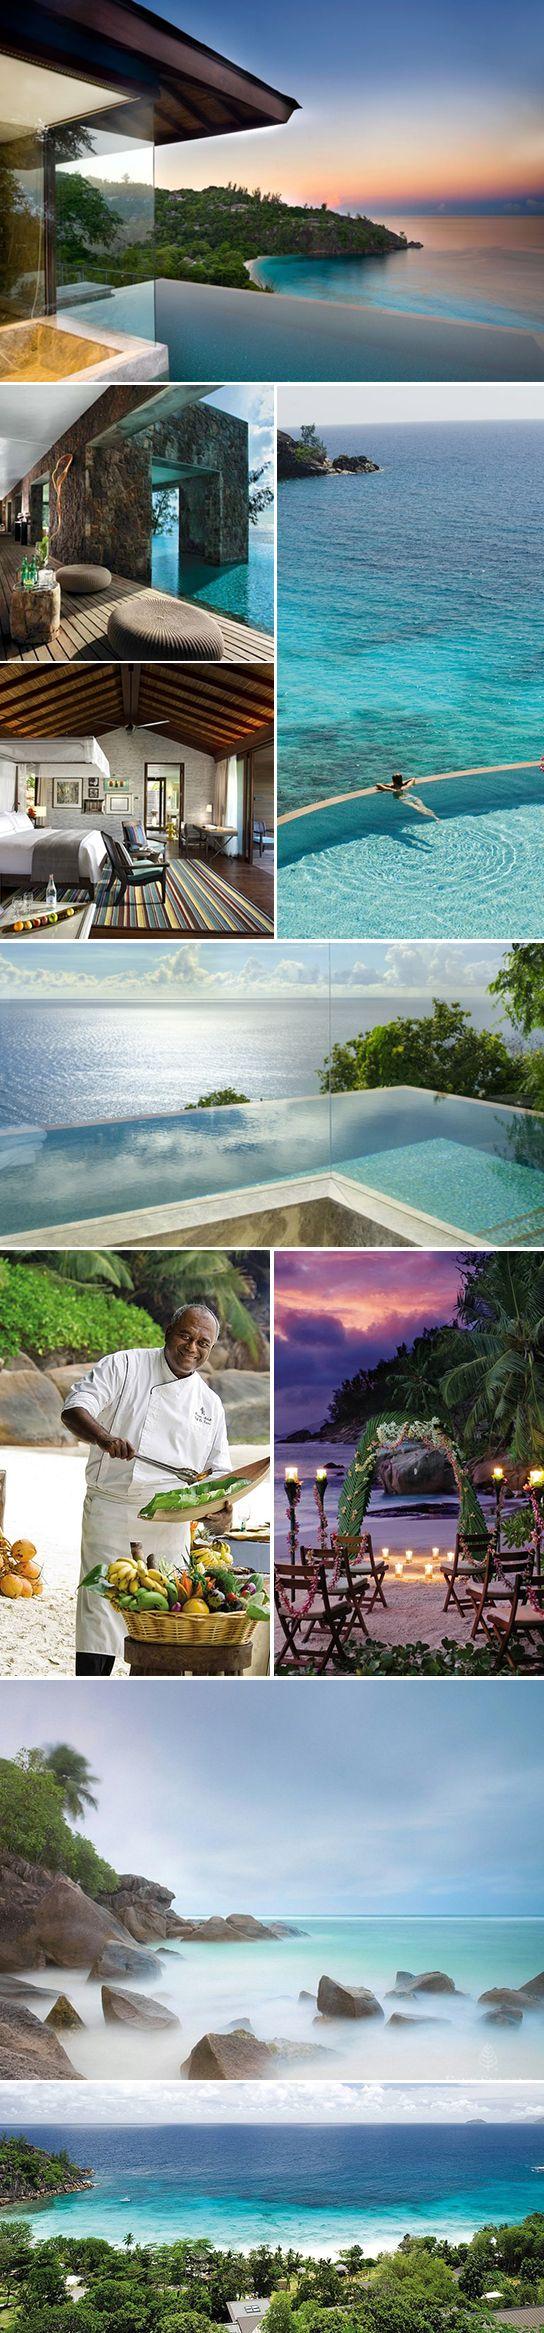 Отель «Four Seasons Resort Seychelles» ***** (остров Маэ, Сейшельские острова).  Подробности: +7 495 9332333, sale@inna.ru, www.inna.ru   Будьте с нами! Открывайте мир с нами! Путешествуйте с нами!